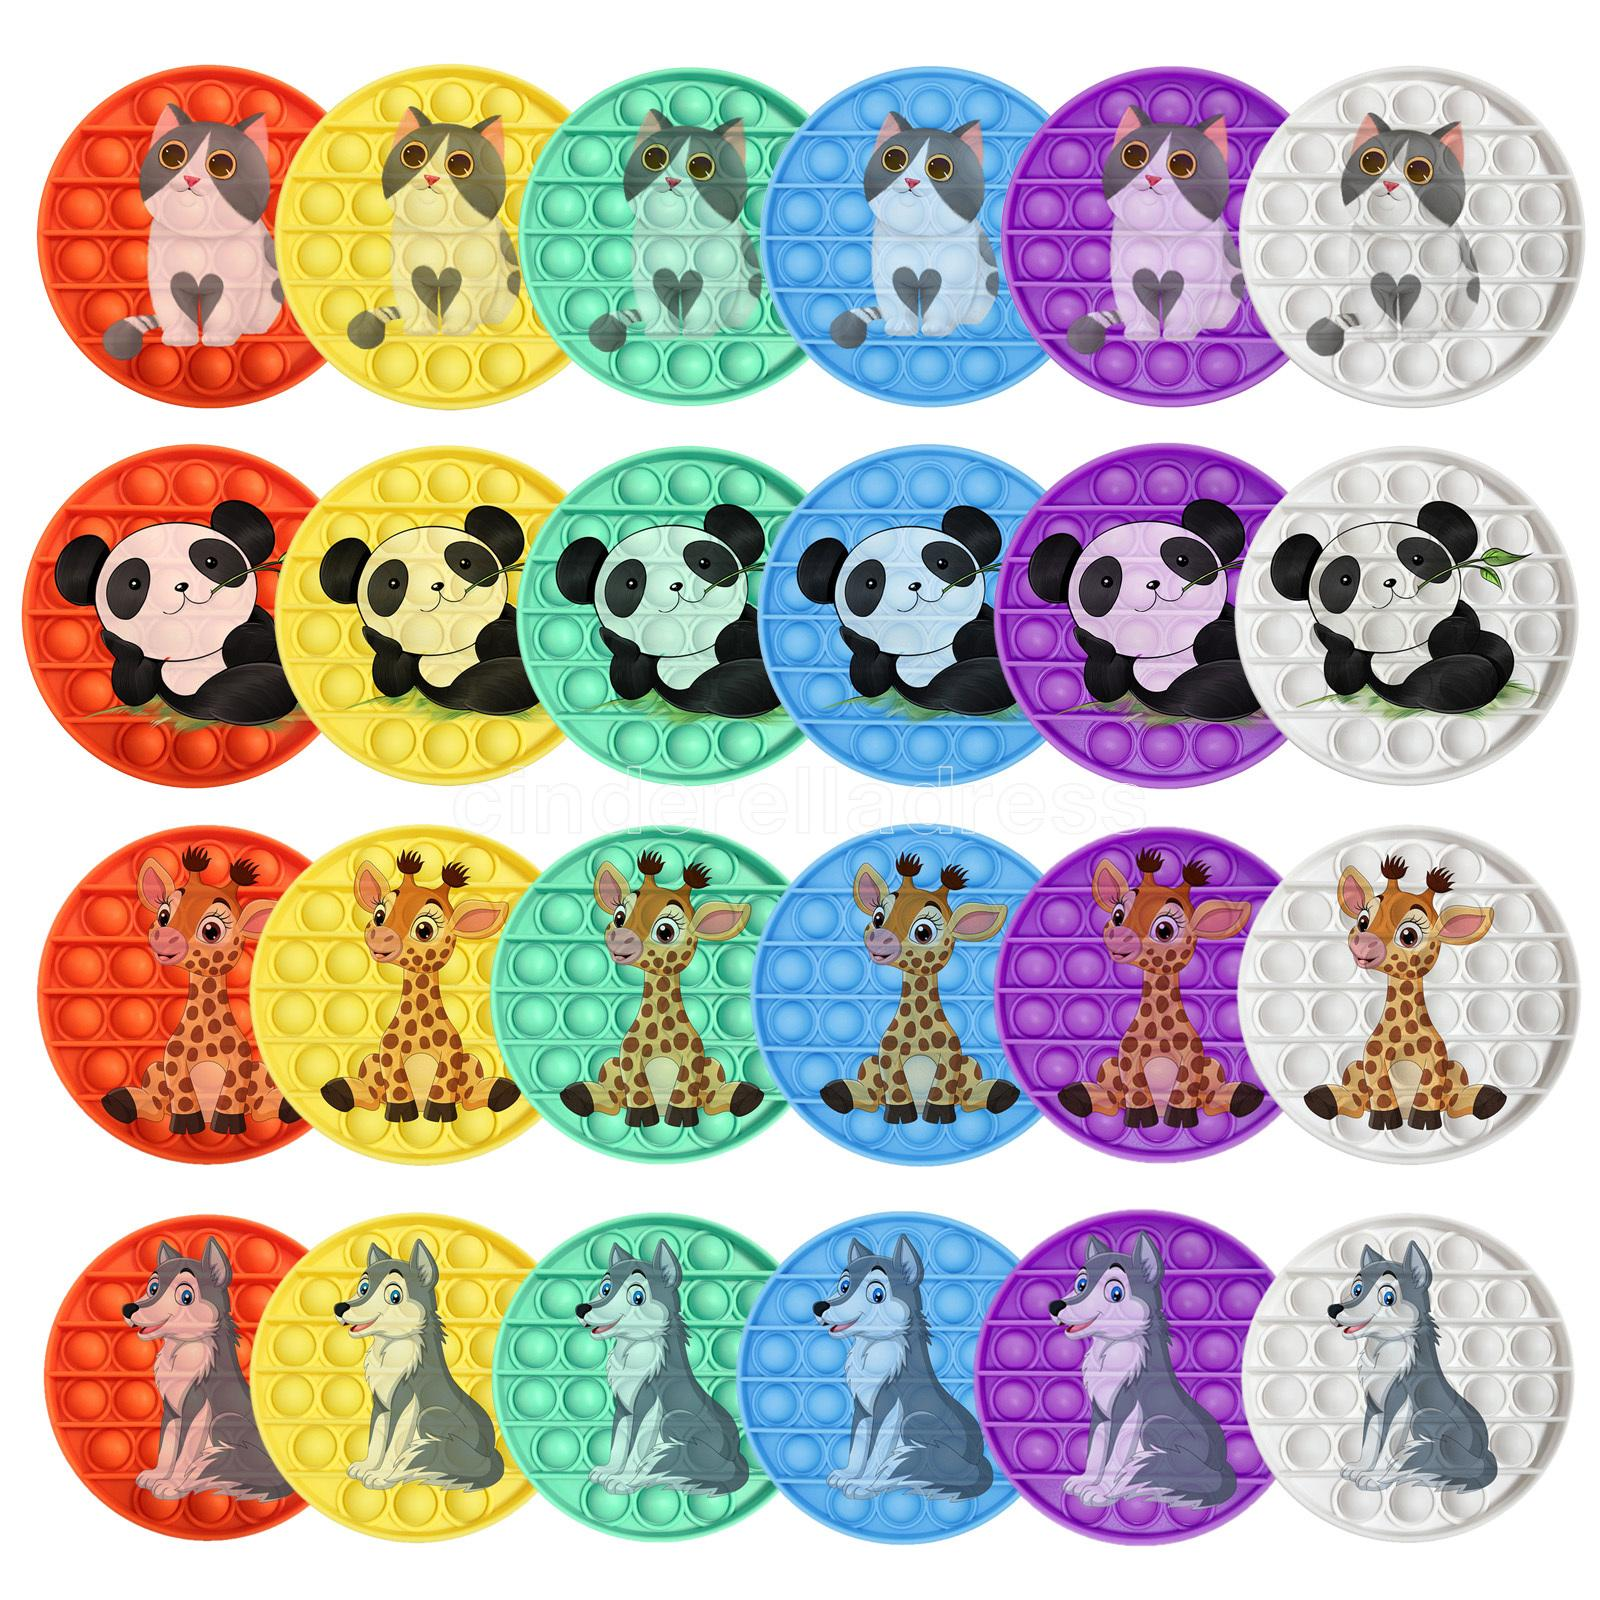 200 ملليمتر كبيرة كبيرة الباندا الحيوان أرقام اللعب antistress للأطفال بسيطة dfple اللعب طباعة للأطفال الكبار تململ لعبة cy04